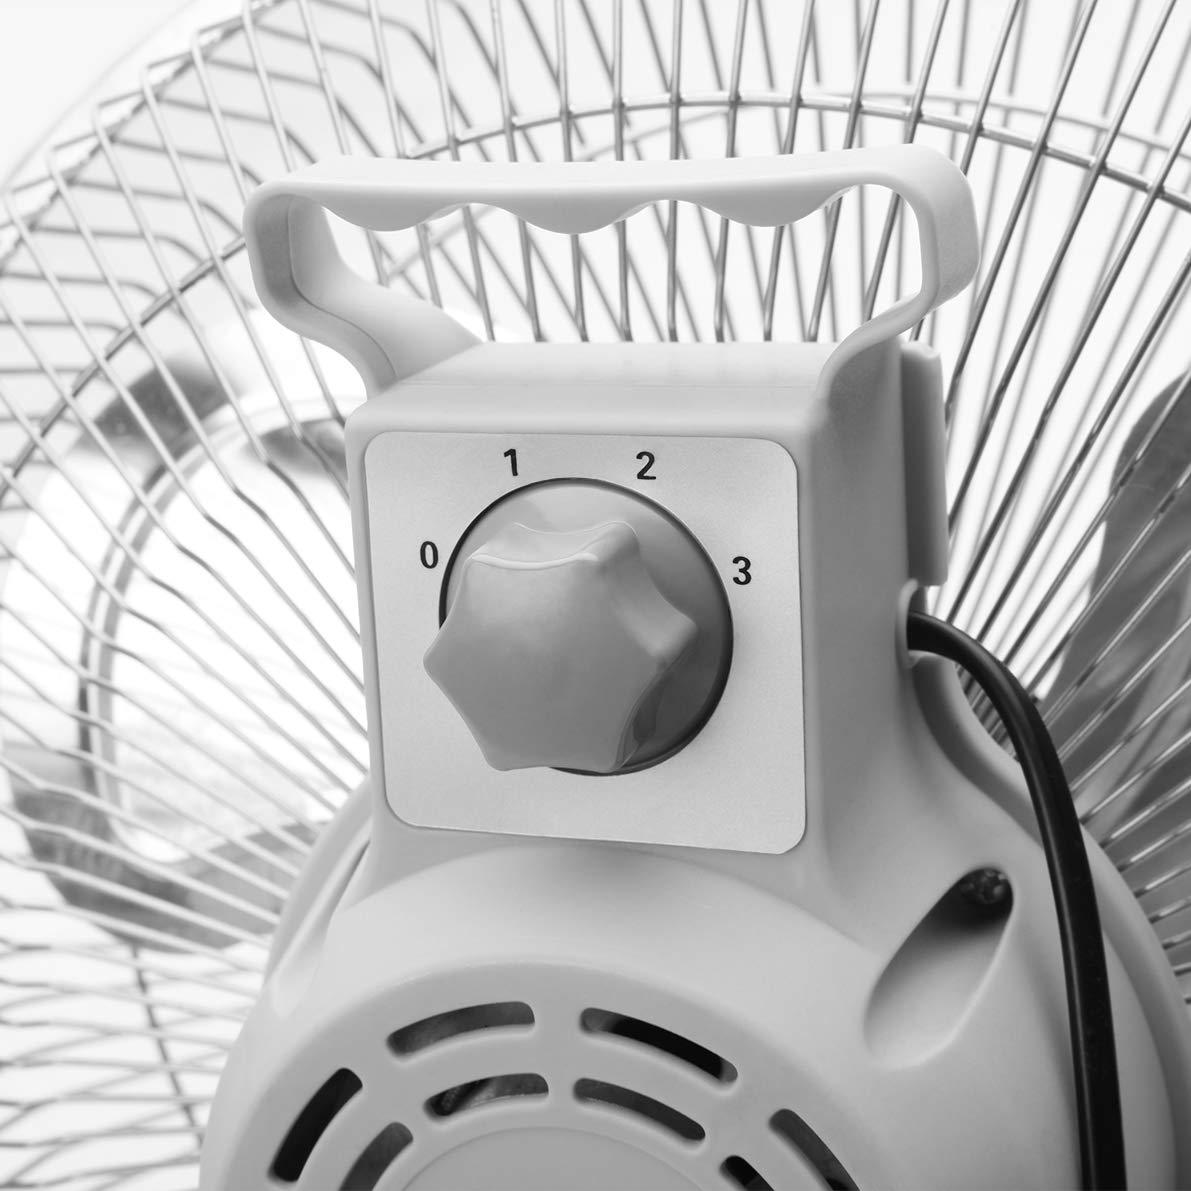 puissance 80 W Orbegozo PW 1245 Ventilateur industriel Power Fan avec inclinaison orientable 3 vitesses de ventilation grille de s/écurit/é pales m/étalliques de 45 cm poign/ée de transport